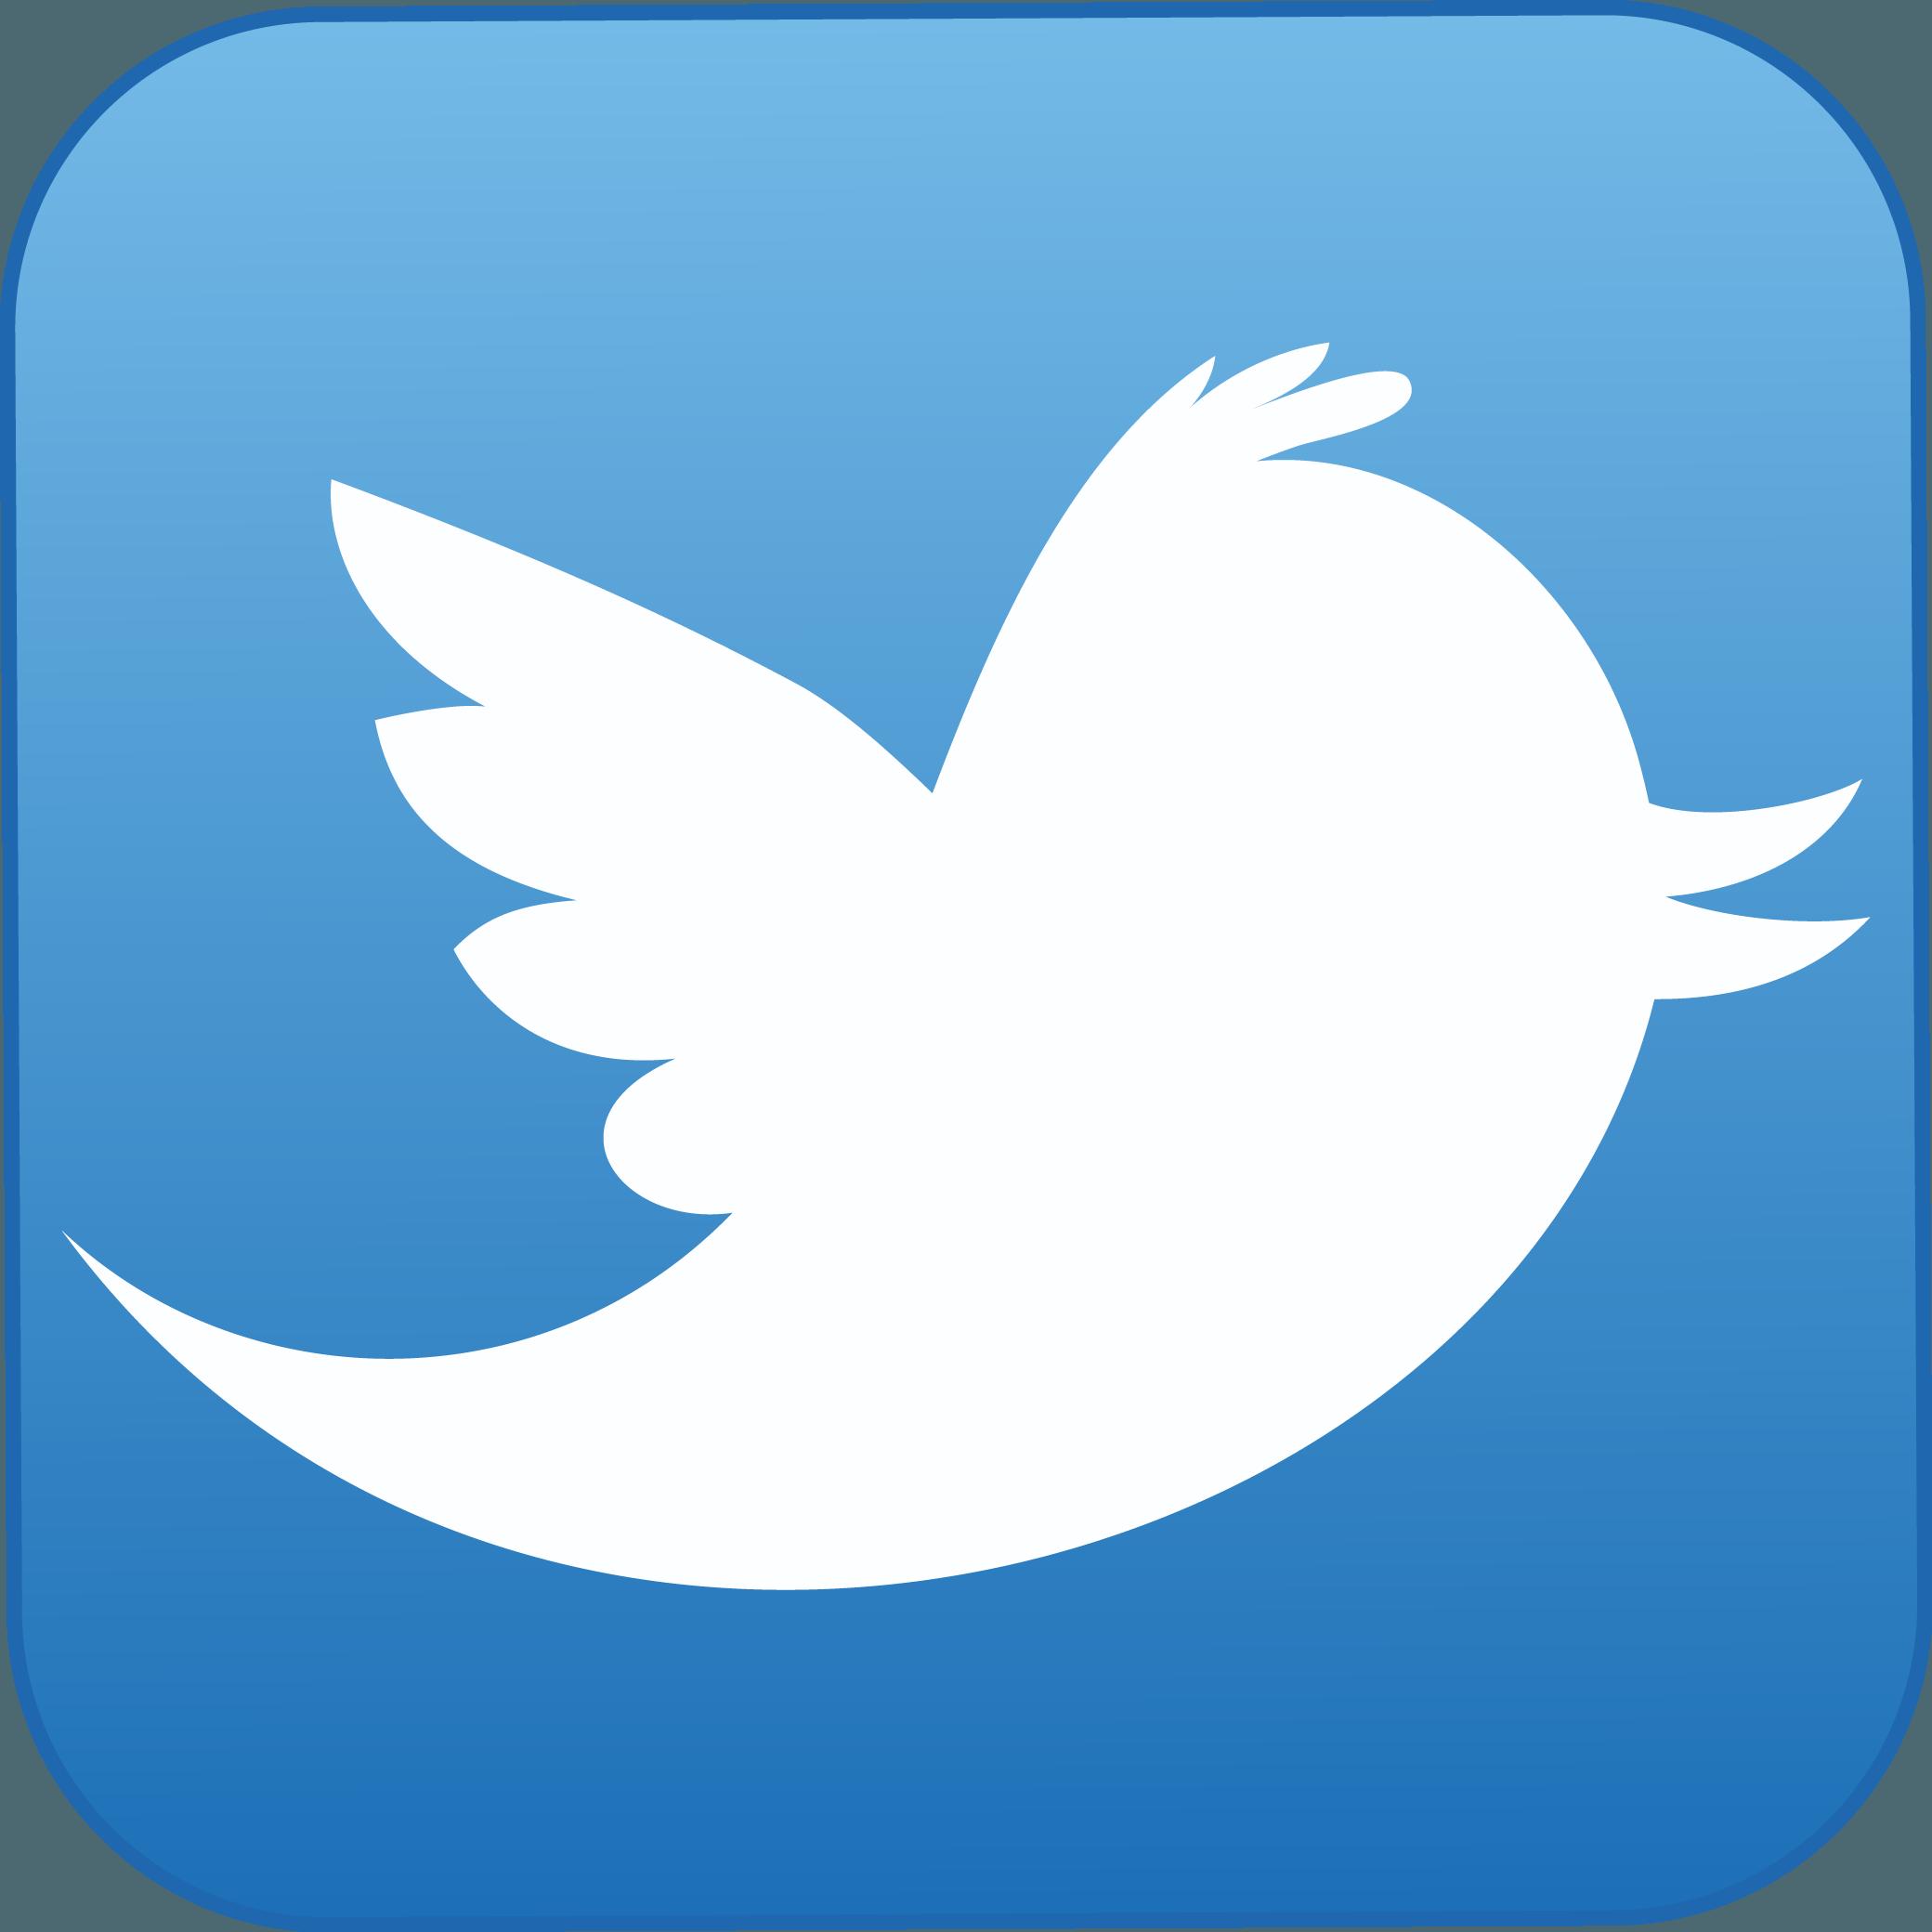 Twitter Logo